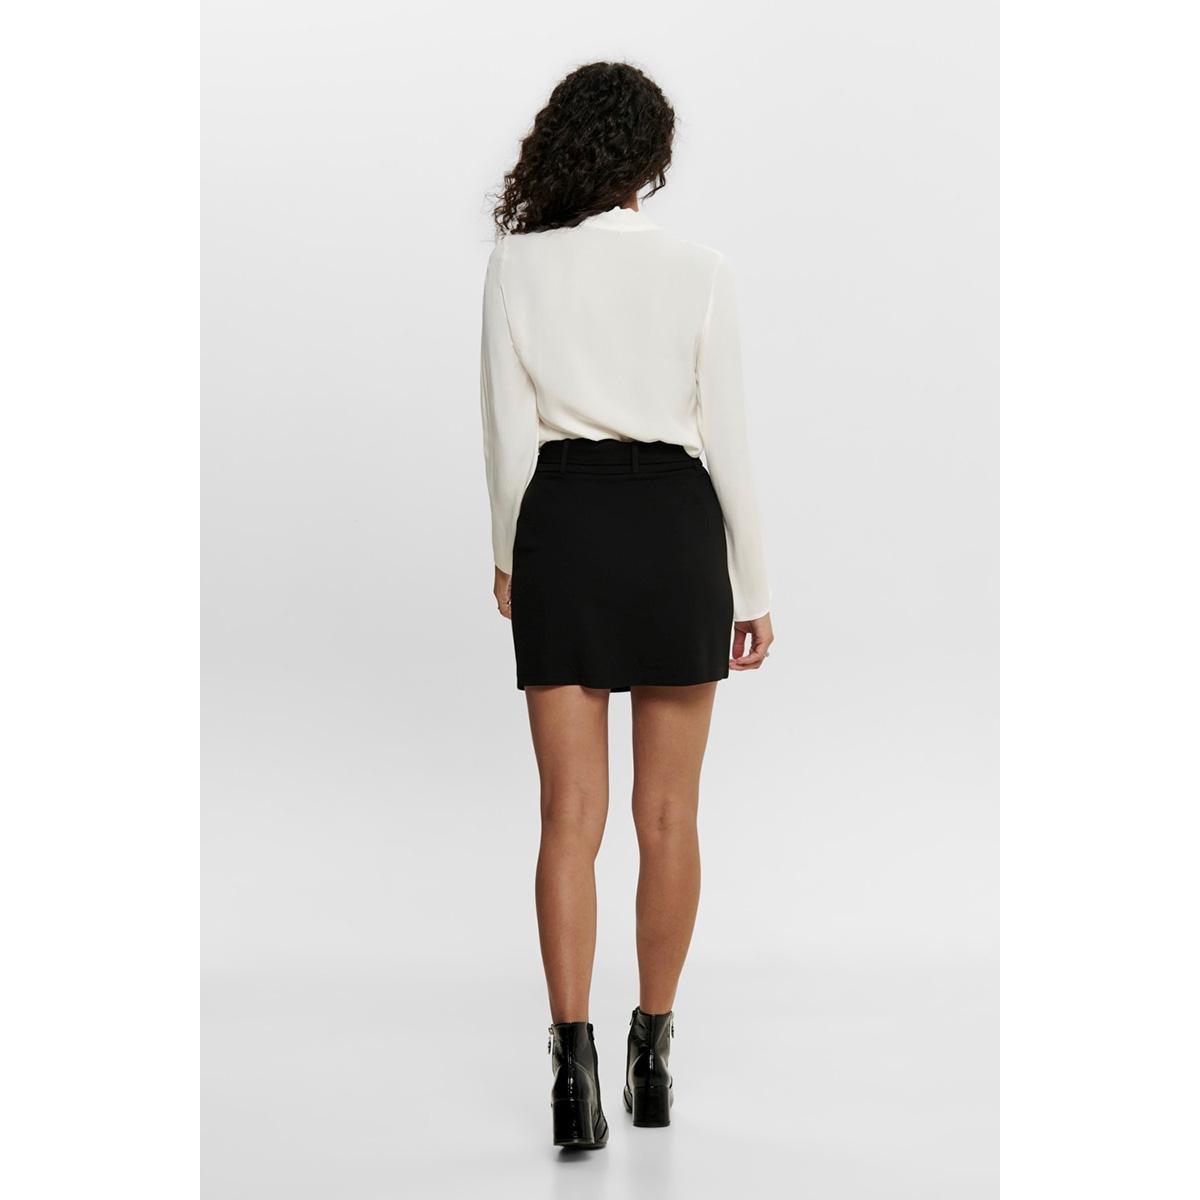 jdyeva skirt jrs 15188607 jacqueline de yong rok black/silver tri